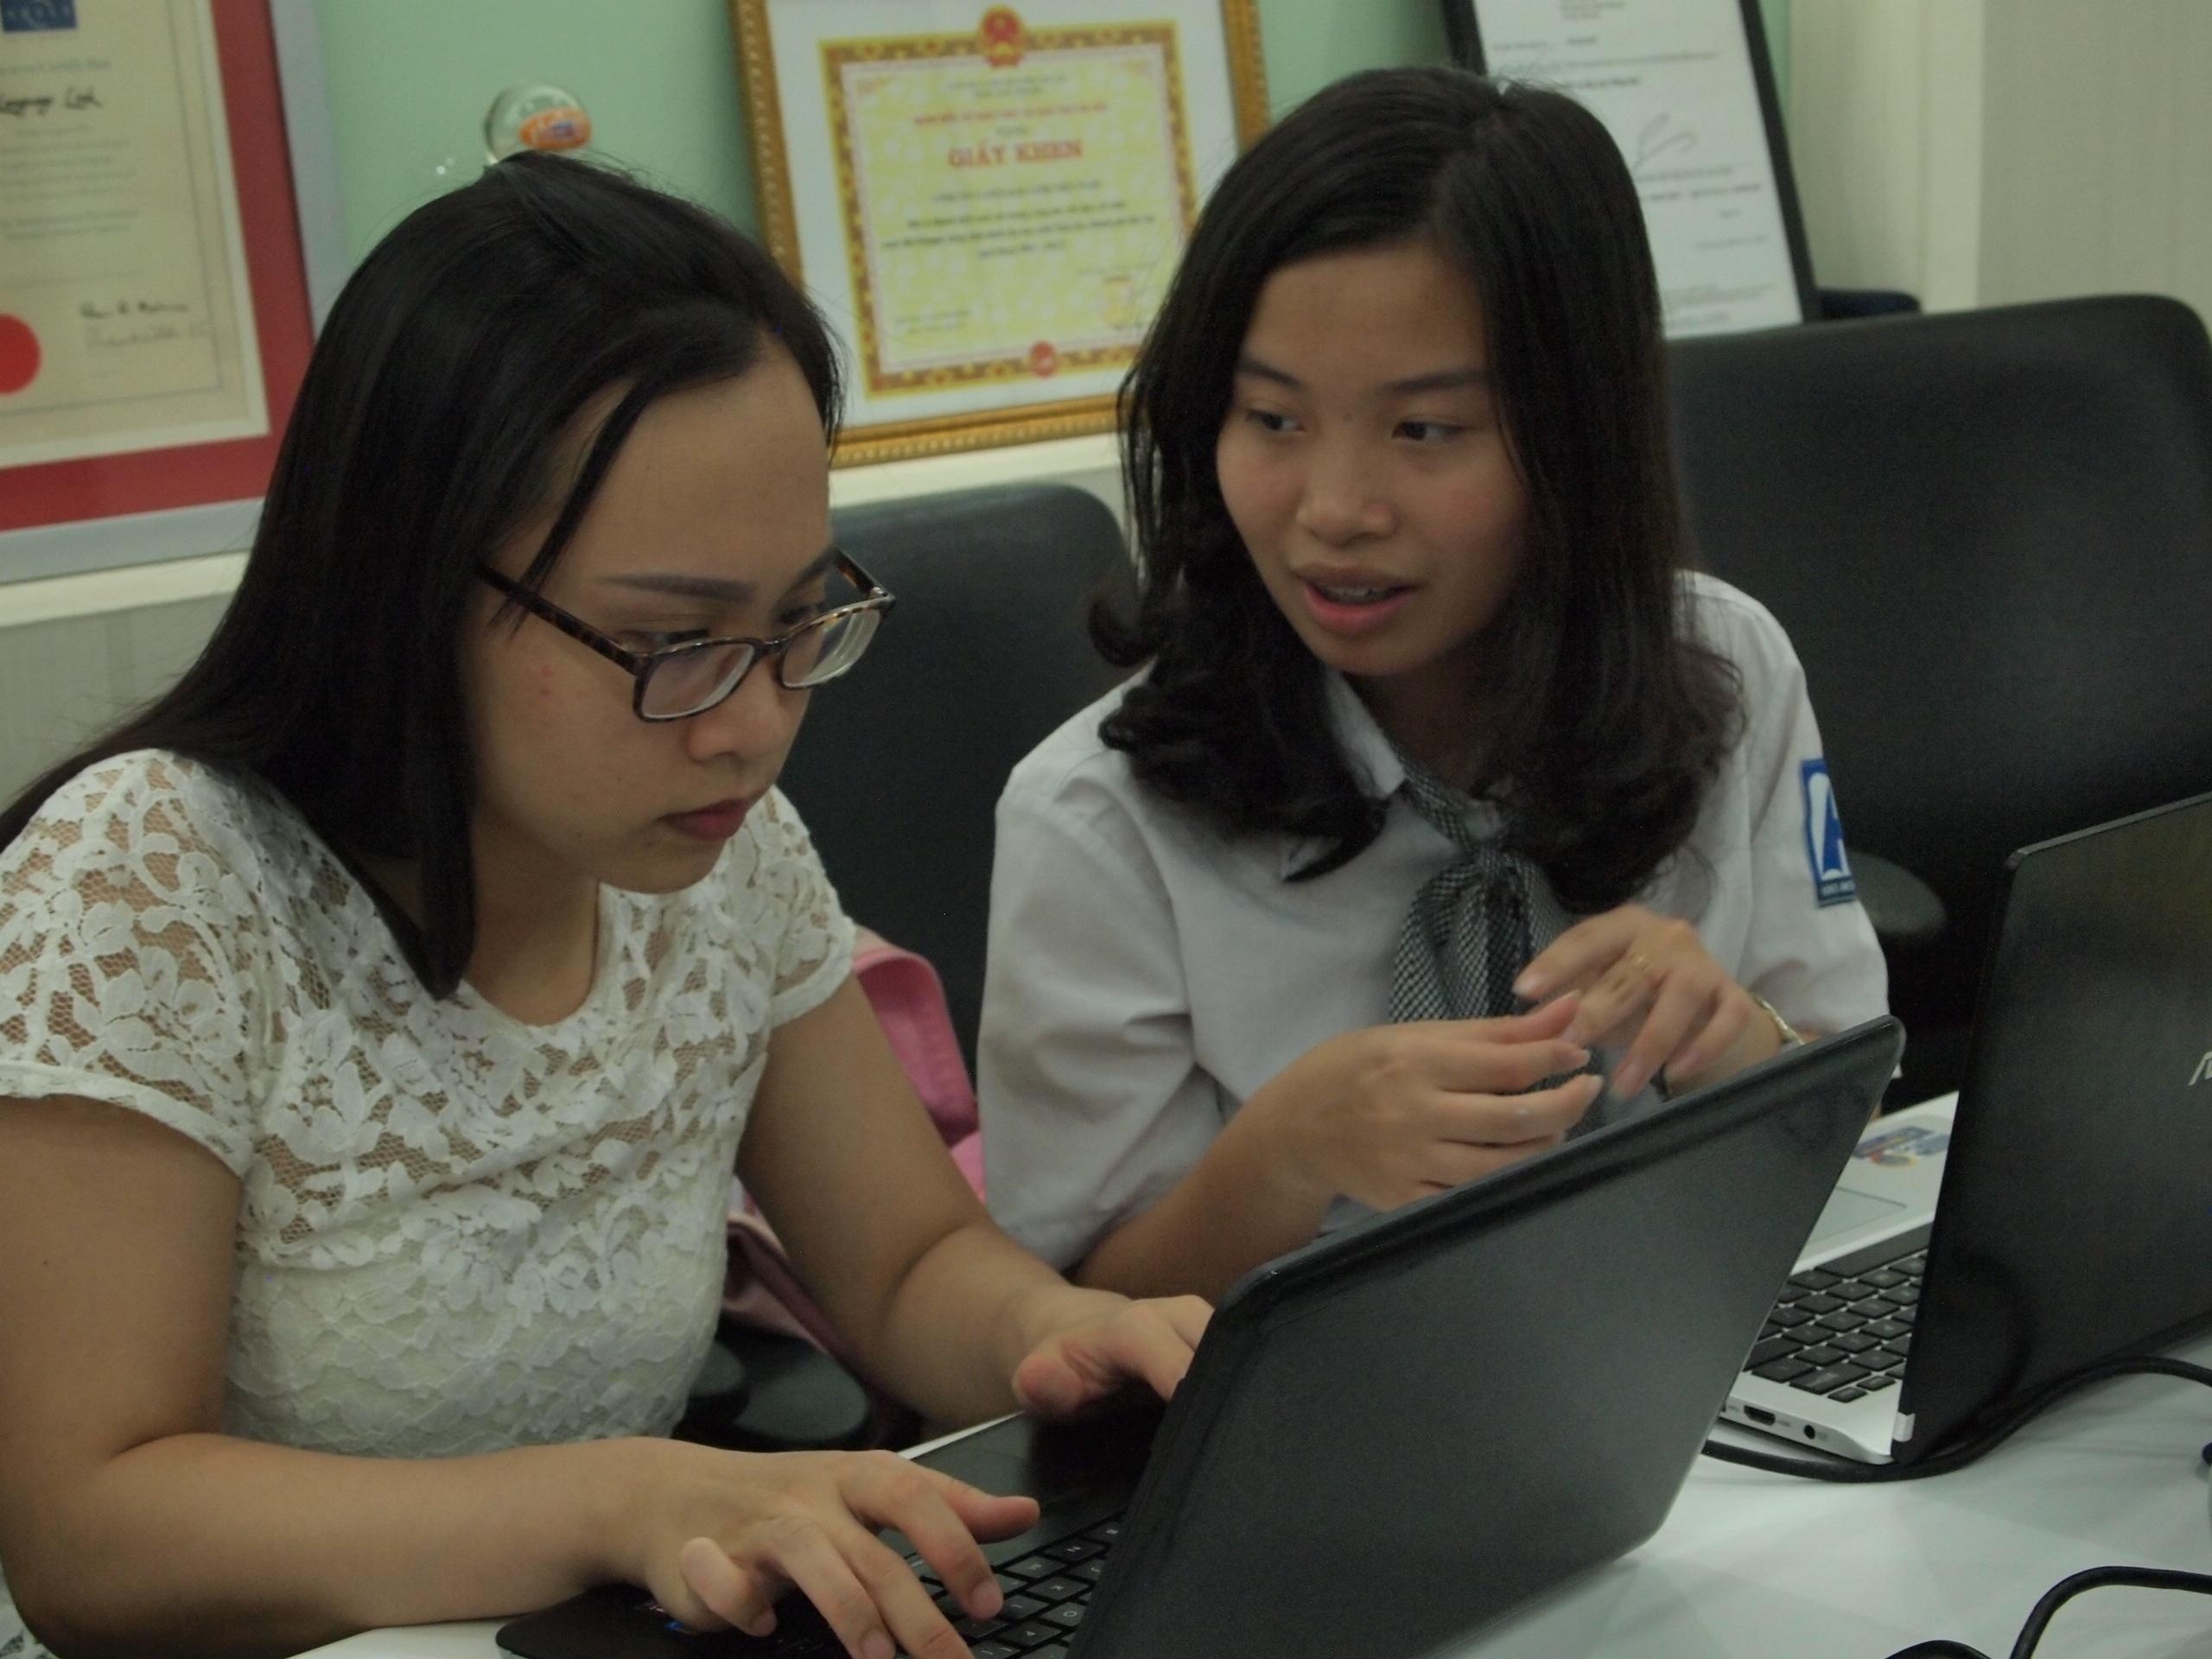 EmNguyễn Hoàng Như Anh đang trả lời các câu hỏi của phụ huynh - học sinh.